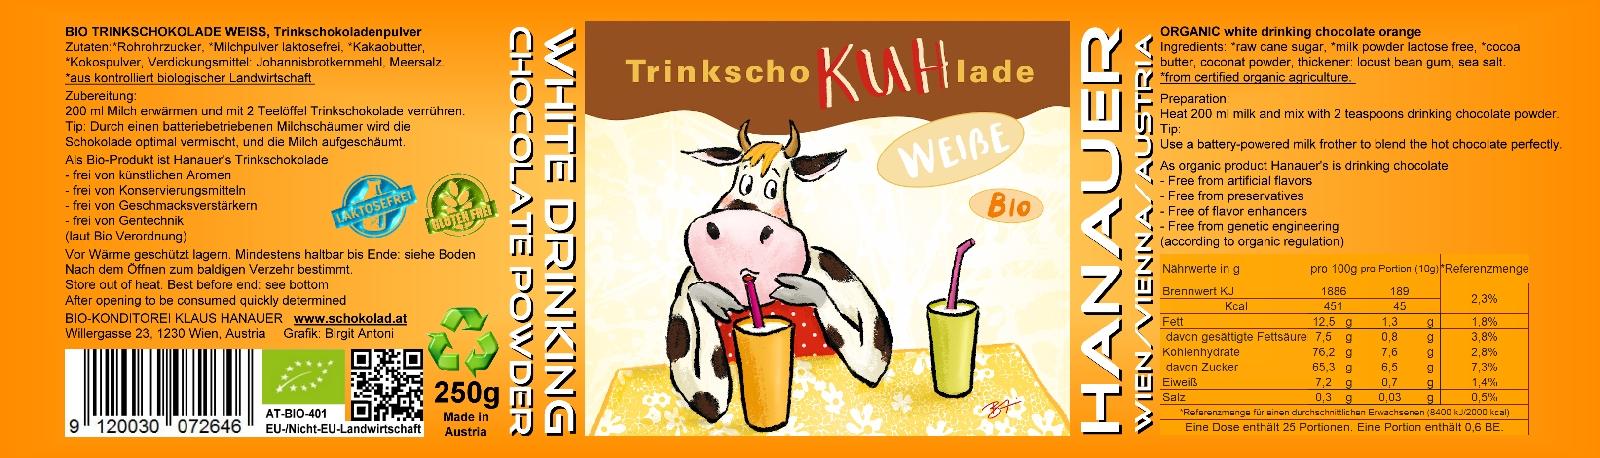 Bio Trink SchoKUHlade Weiss Etikett